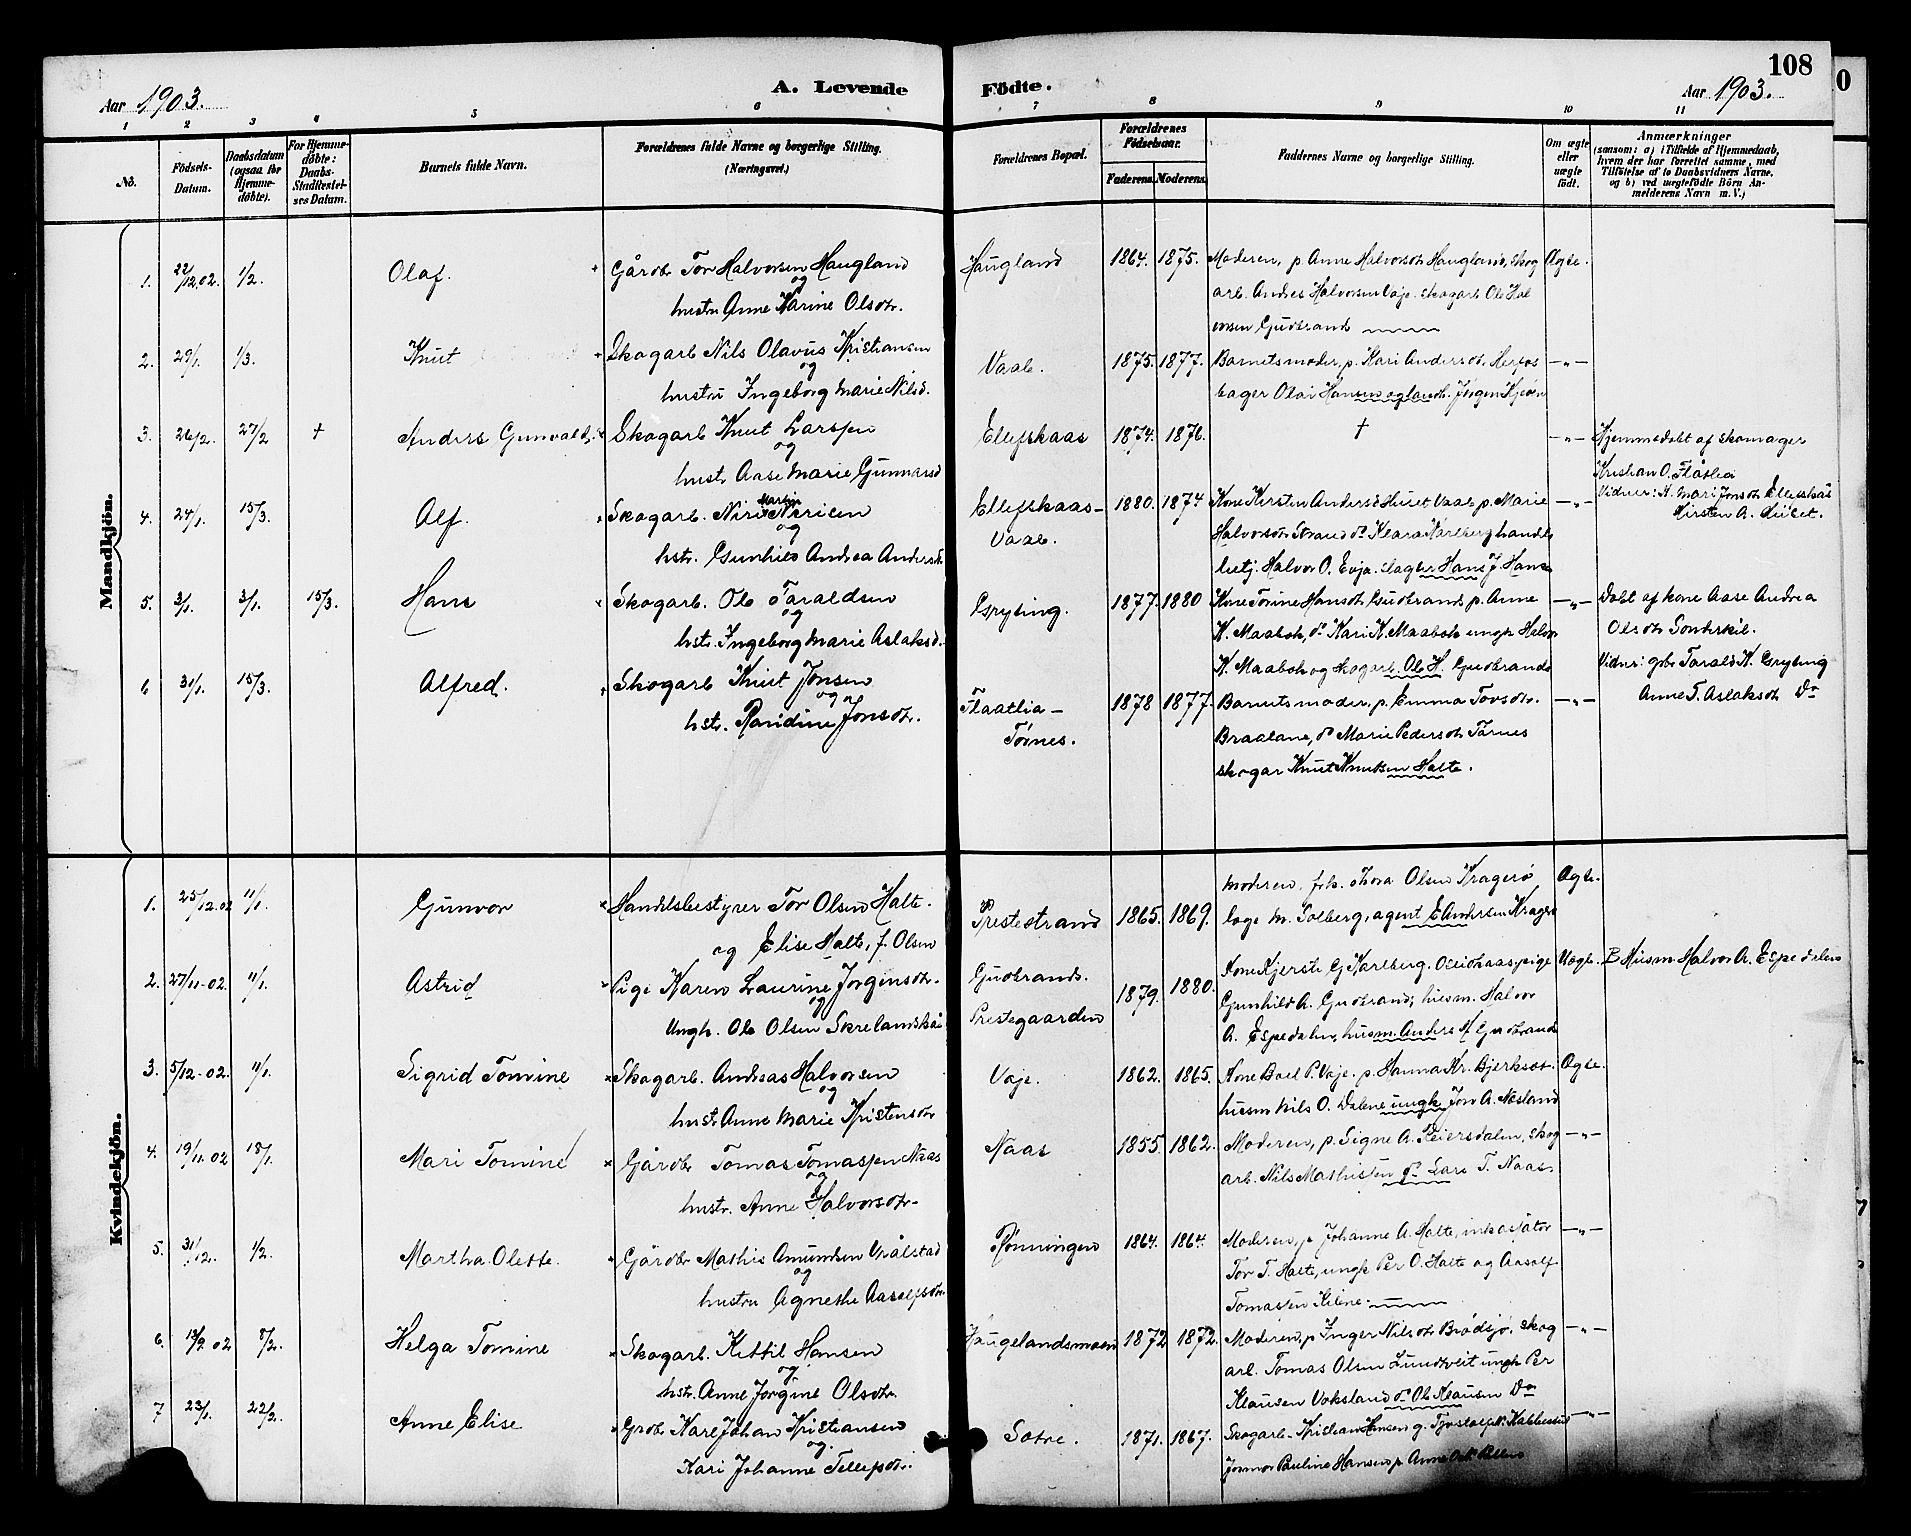 SAKO, Drangedal kirkebøker, G/Ga/L0003: Klokkerbok nr. I 3, 1887-1906, s. 108